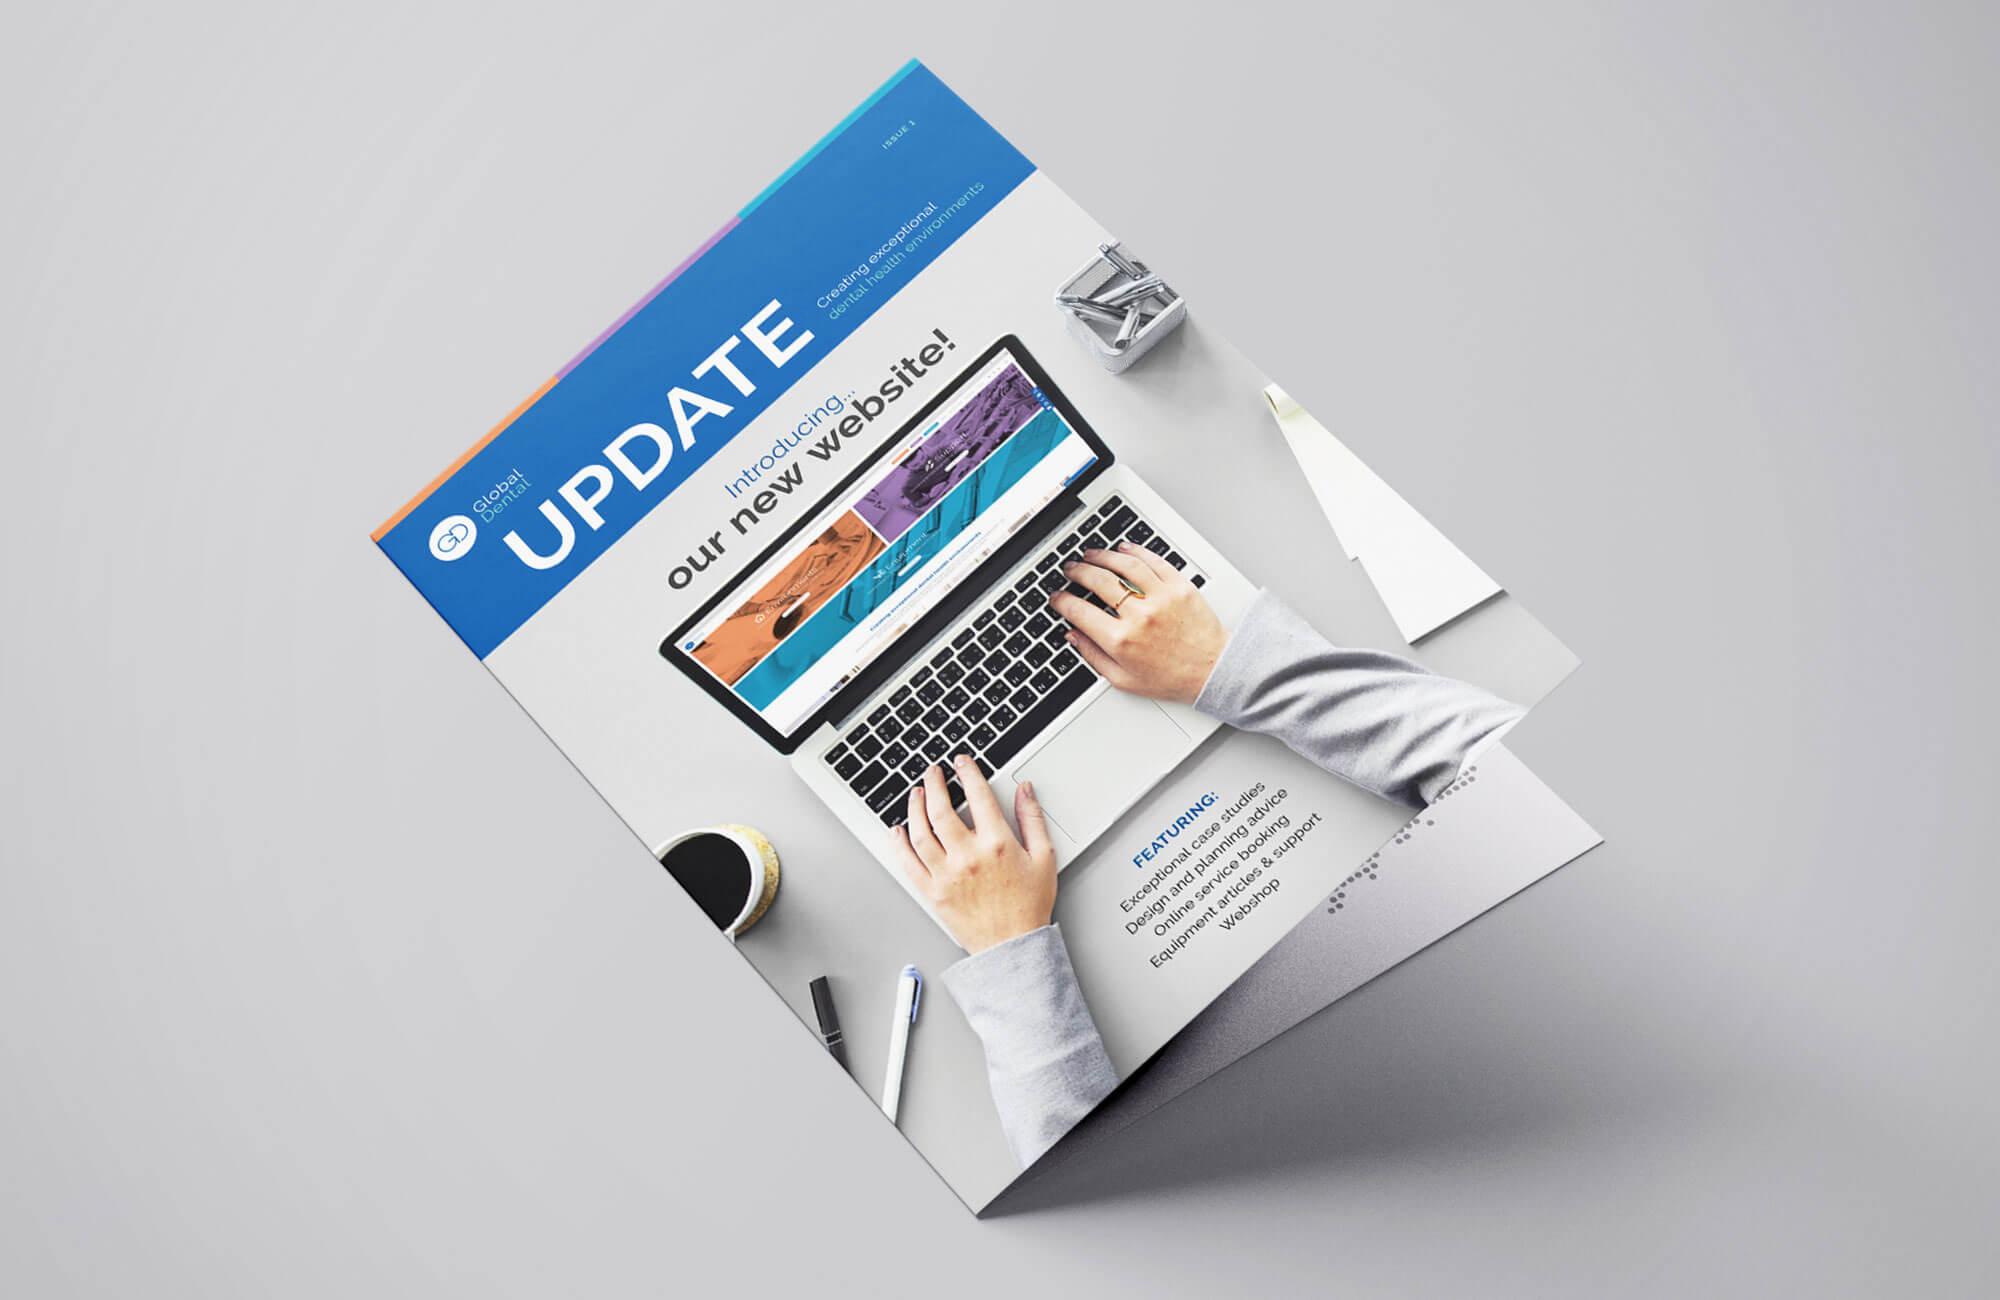 Global Dental Newsletter Cover Design